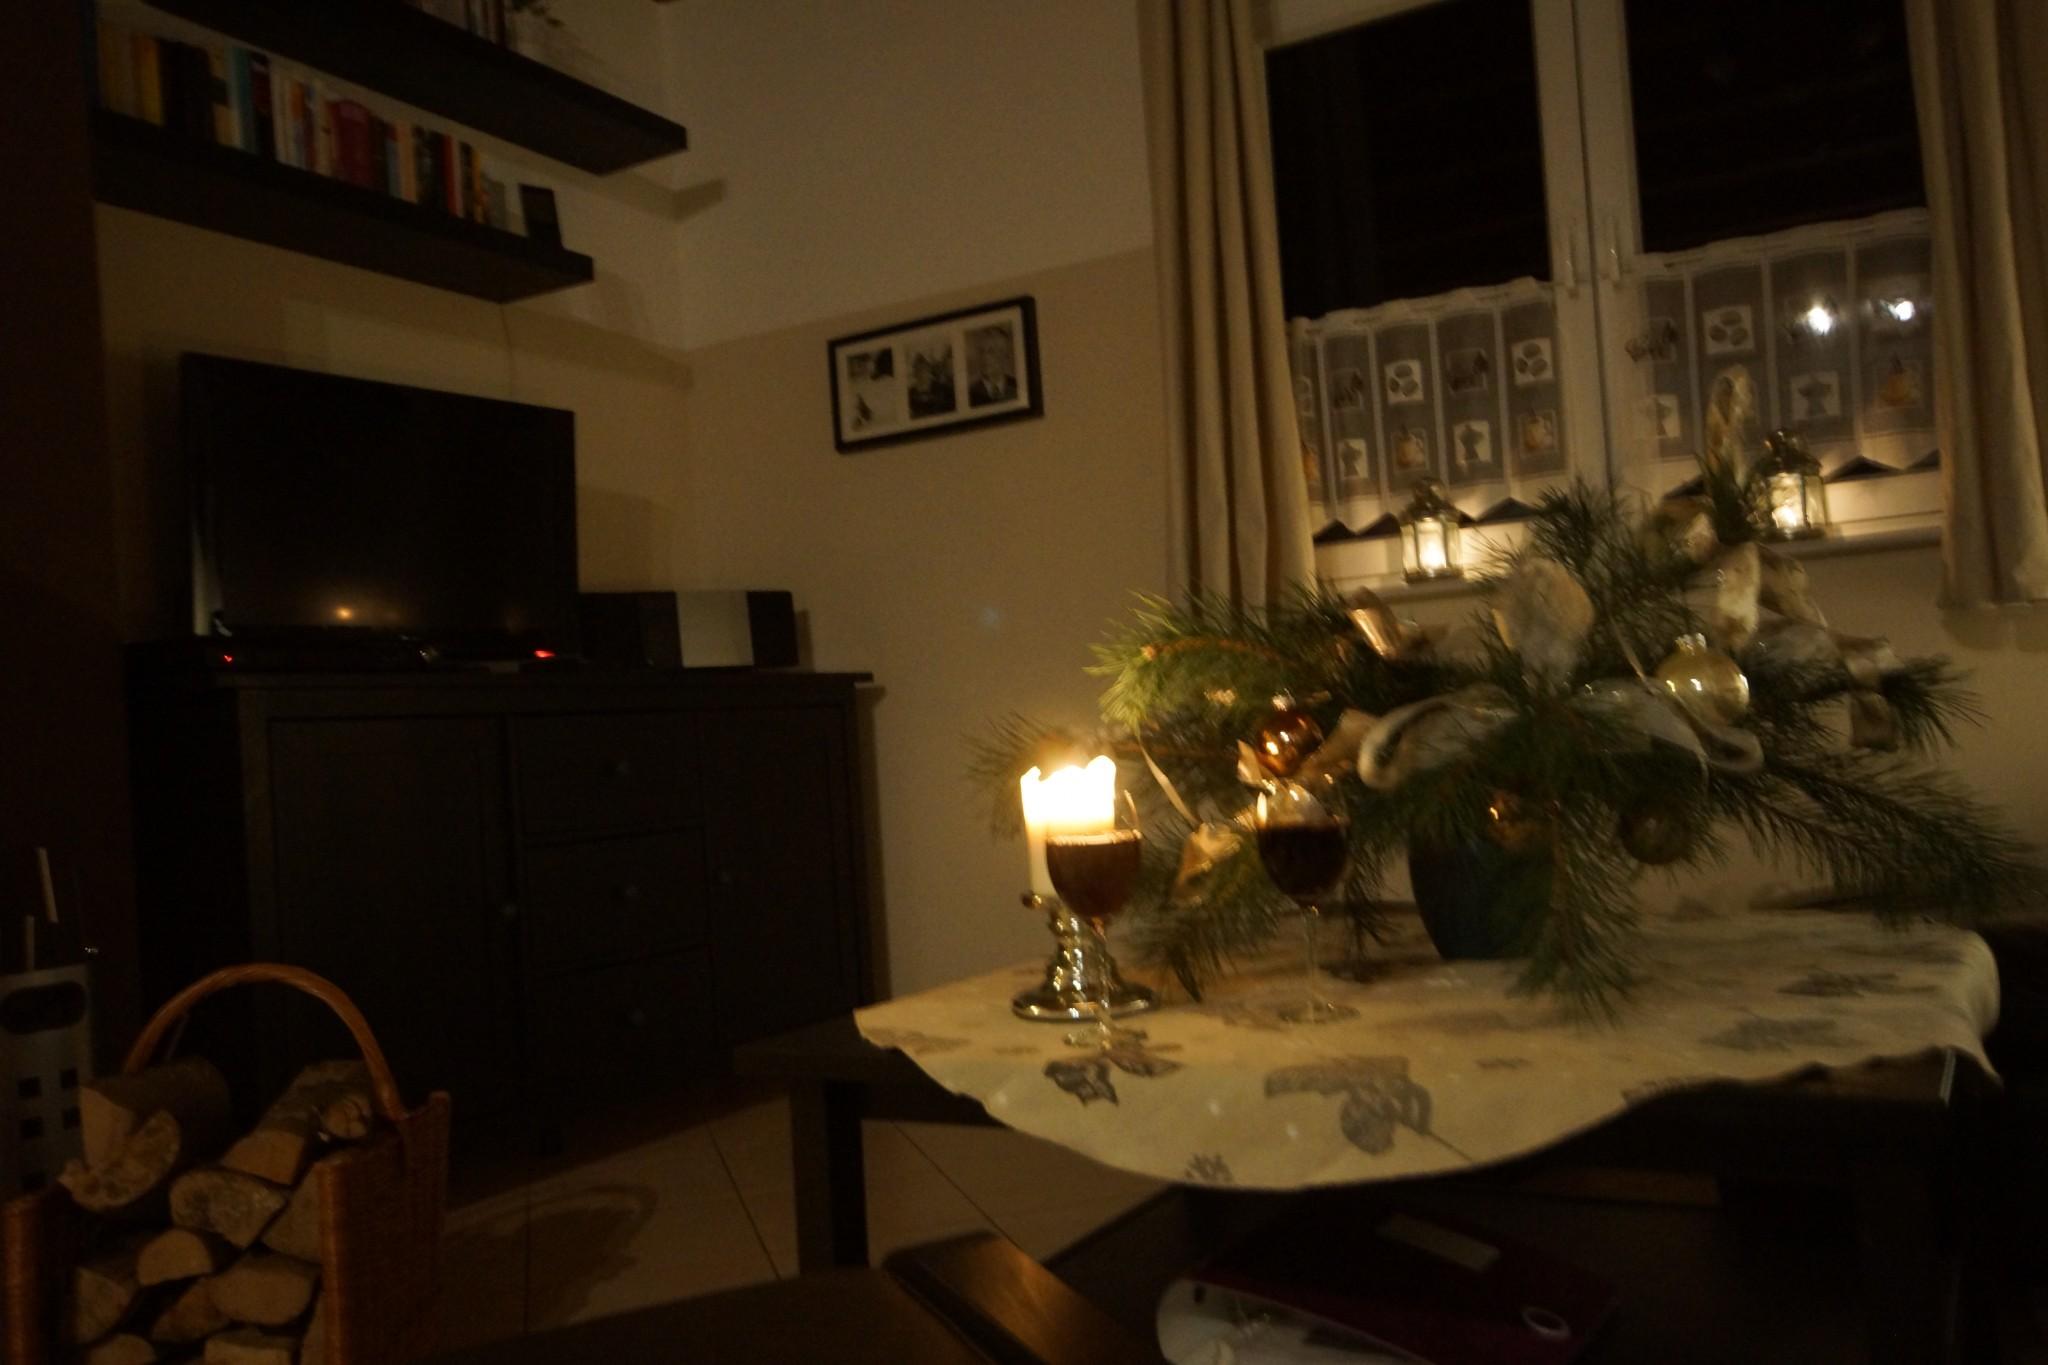 Winter im Ferienhaus in Brandenburg mit Kaminofen